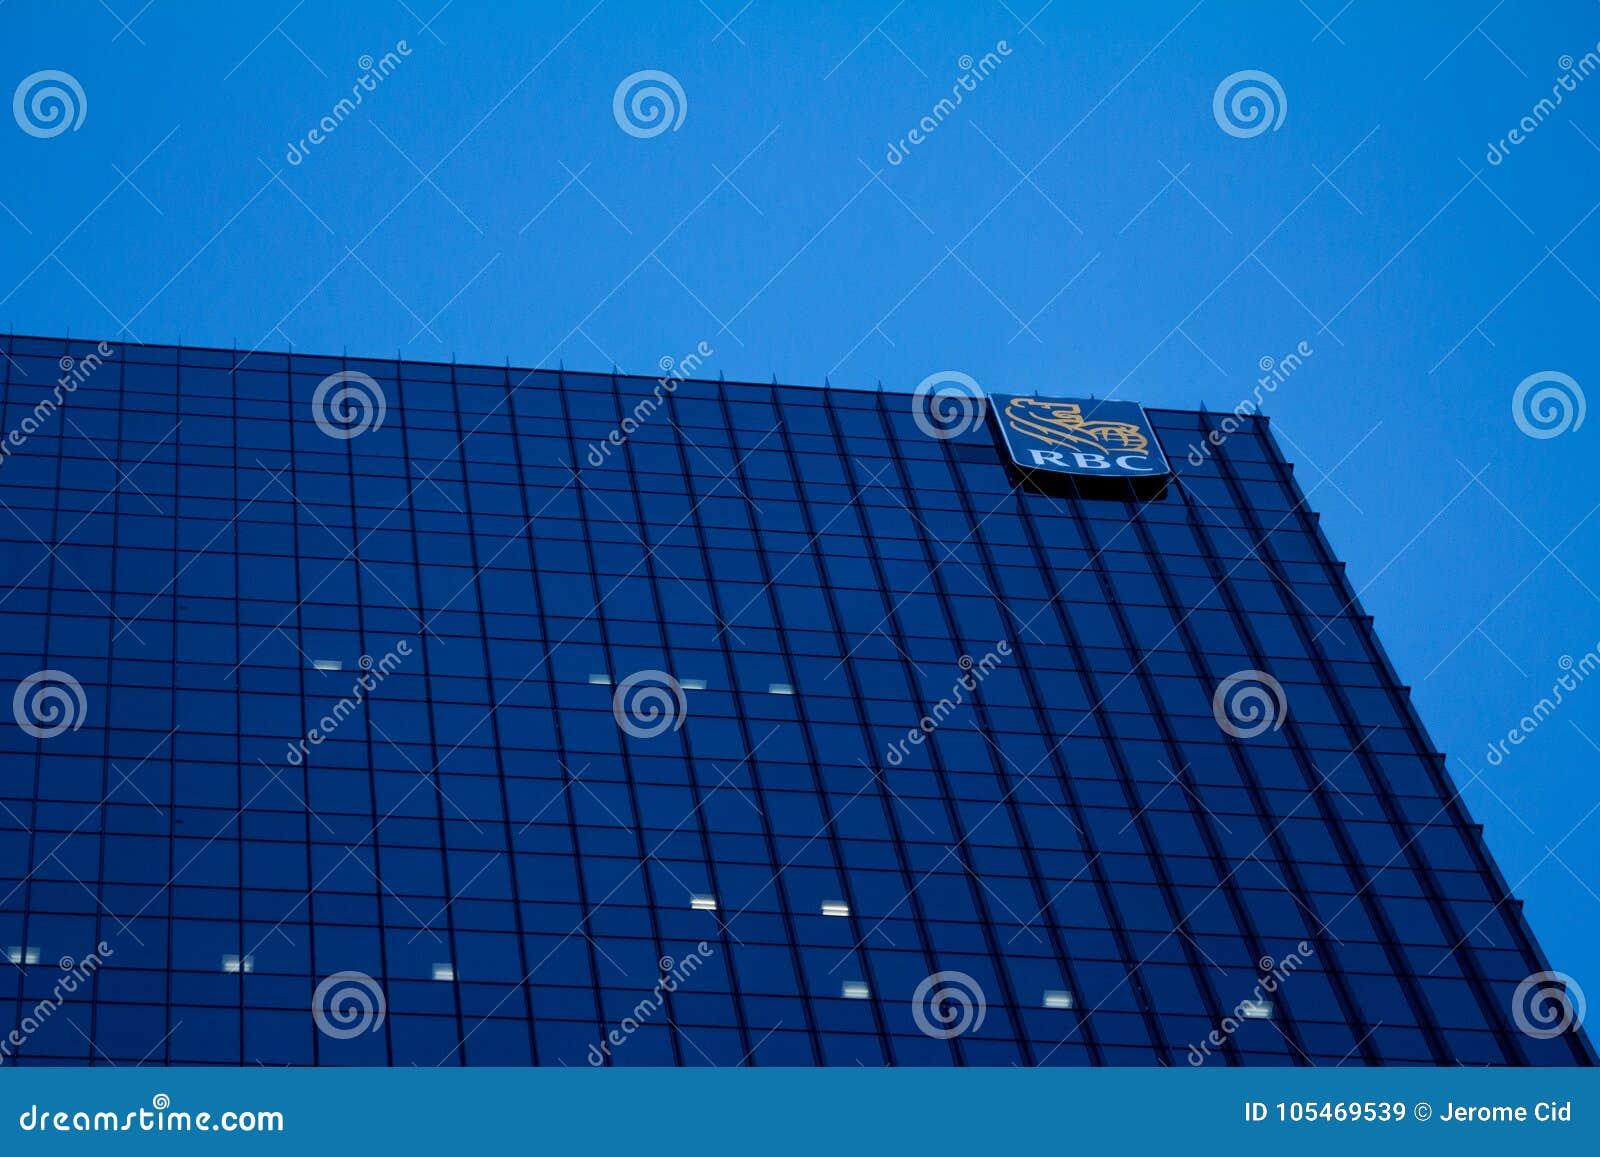 Έδρα της Royal Bank του Καναδά RBC στο Τορόντο, Οντάριο, Καναδάς με το φωτισμένο λογότυπο της εταιρίας